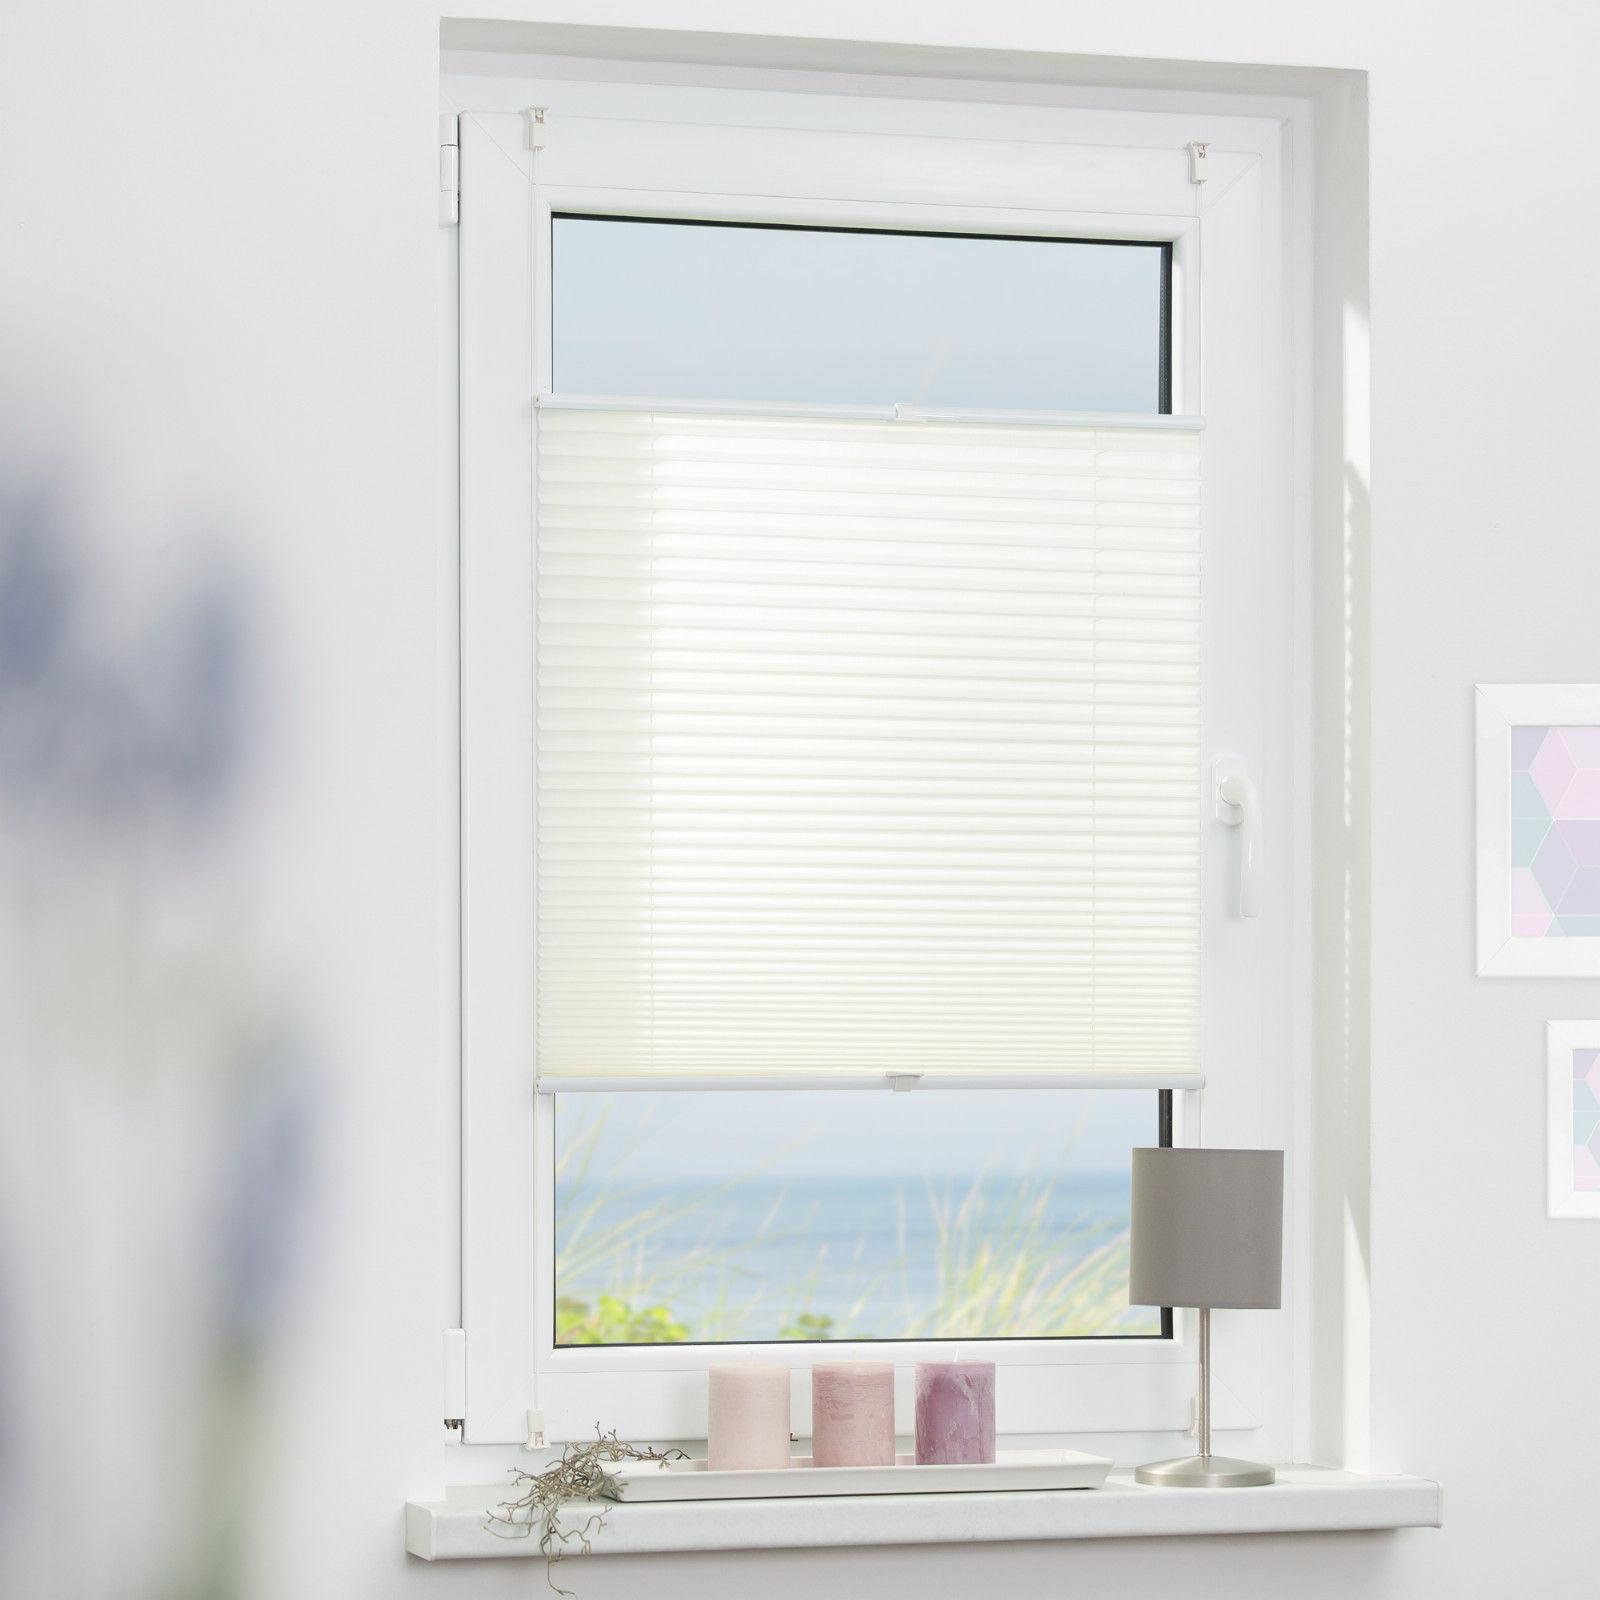 lichtblick plissee klemmfix ohne bohren verspannt faltrollo jalousie klemmtr ger ebay. Black Bedroom Furniture Sets. Home Design Ideas